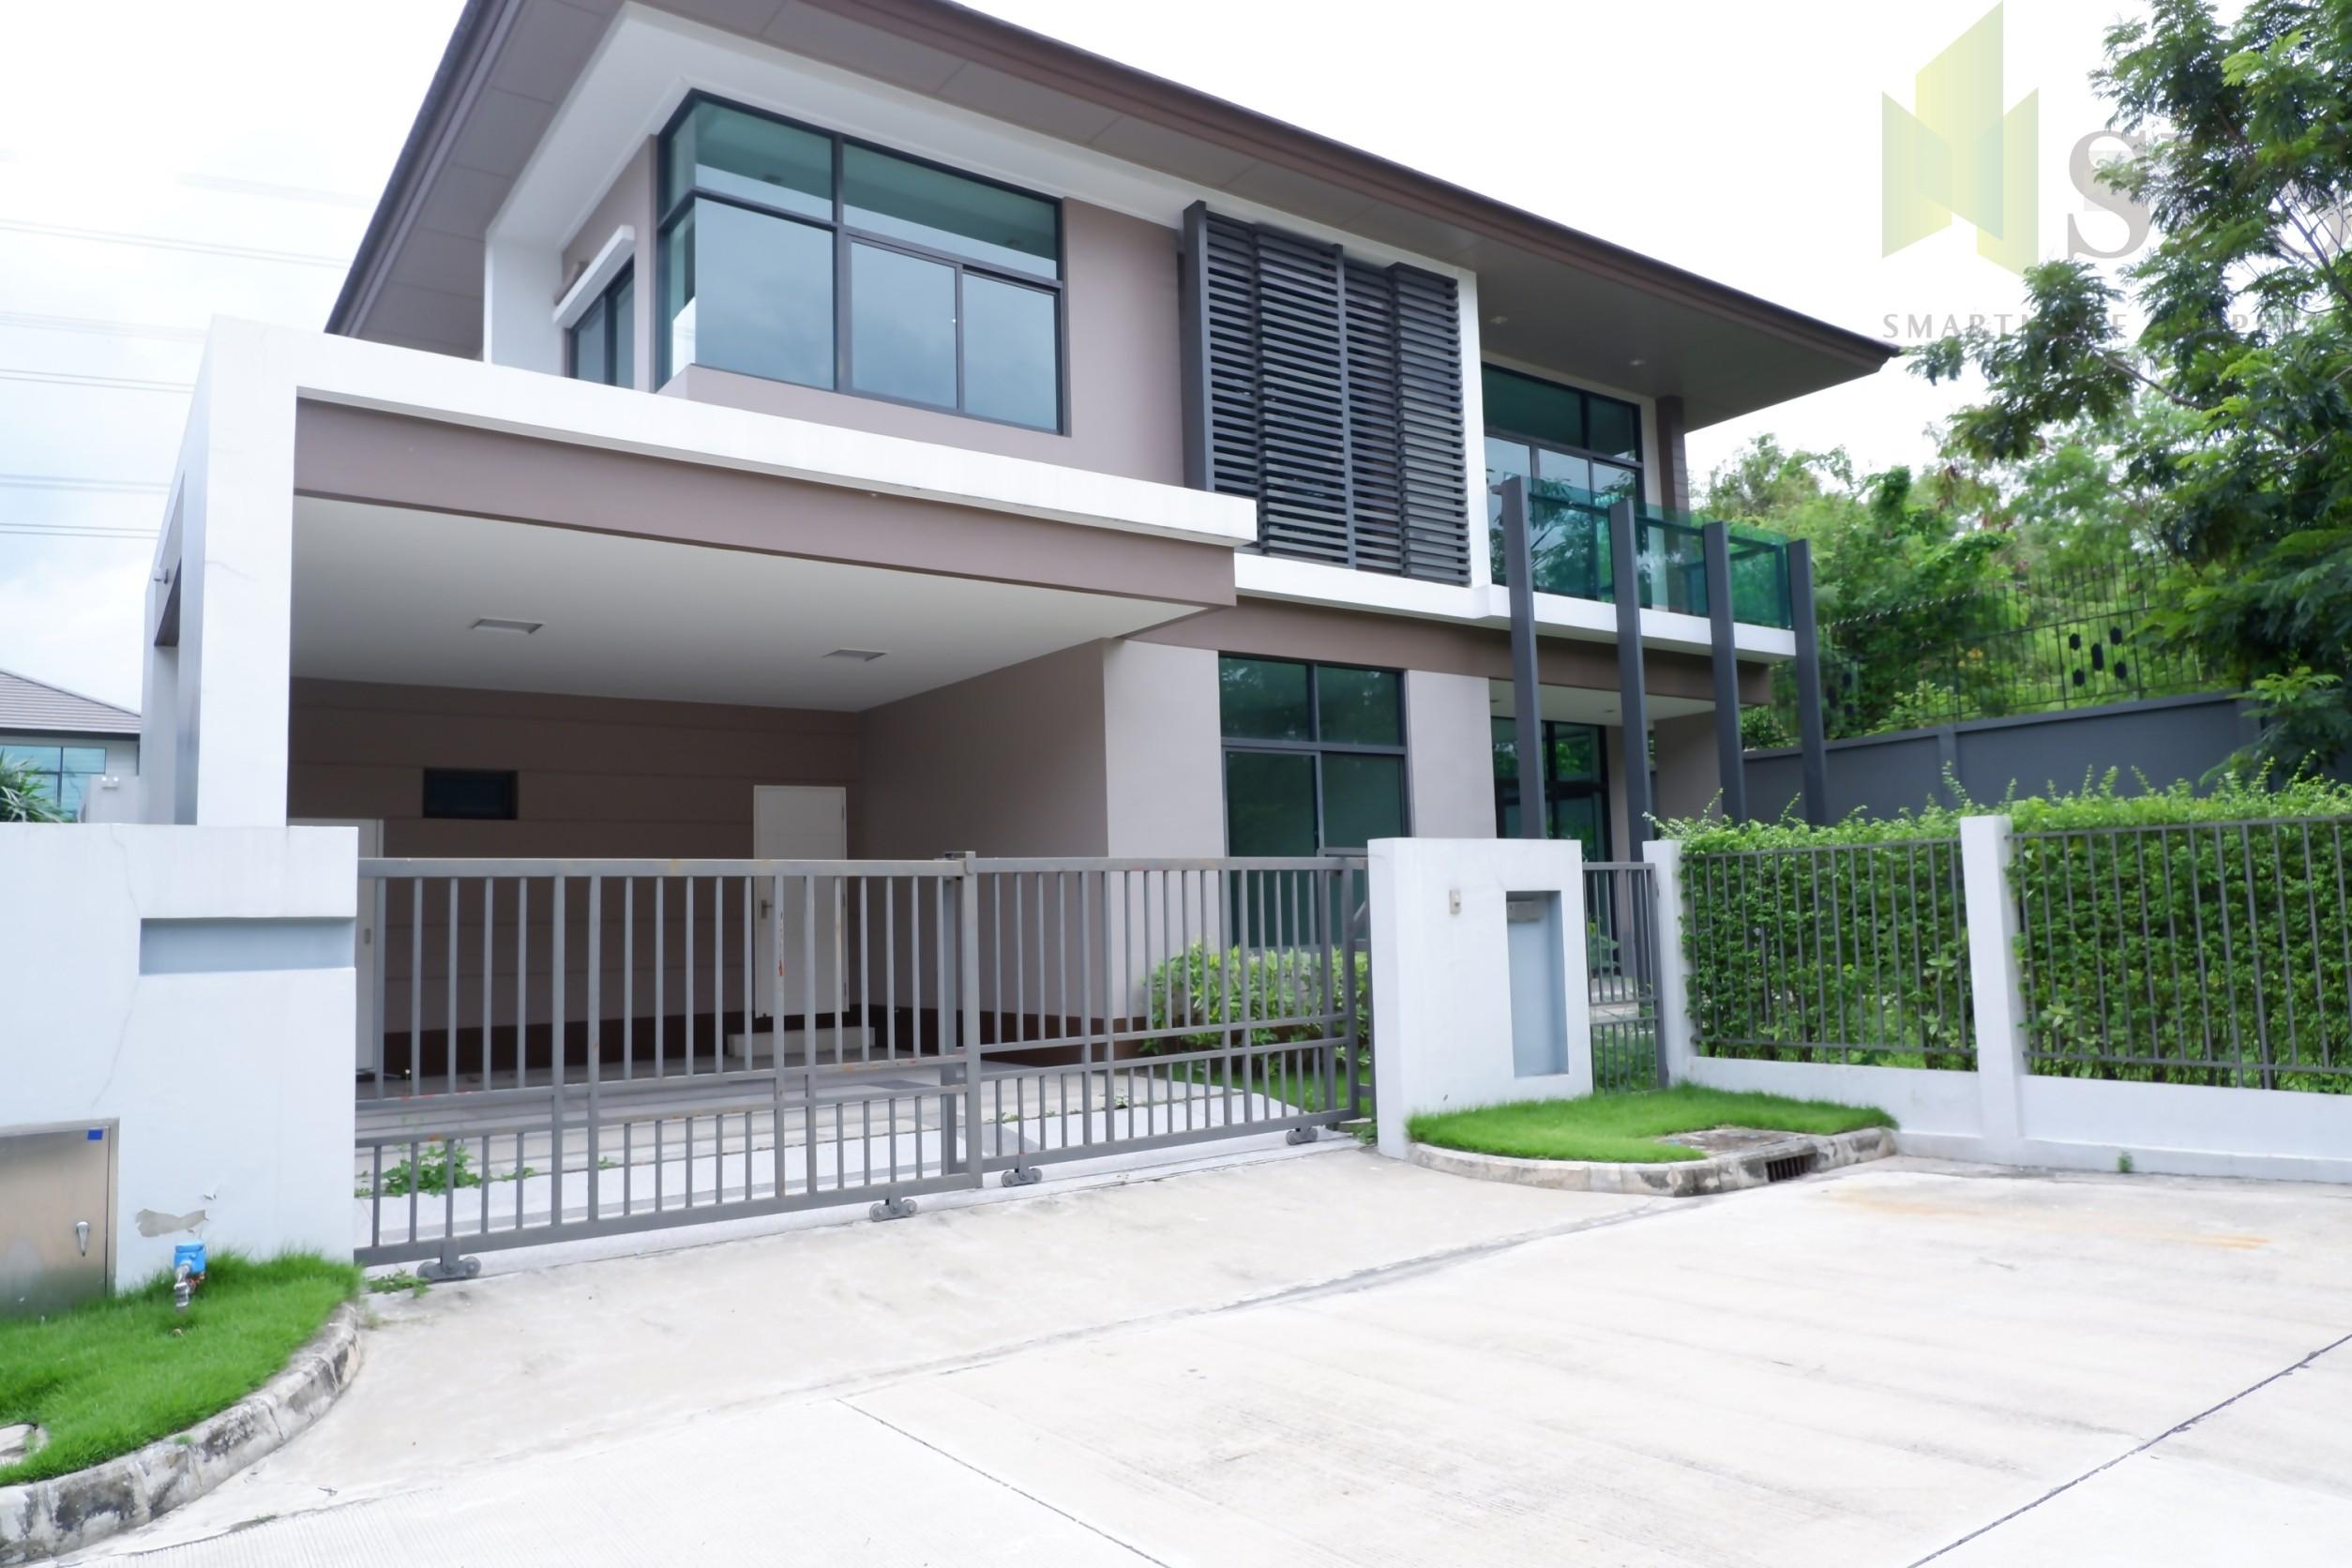 For Sale Single house Setthasiri Onnut – Srinakarindra(SPS-GH103)